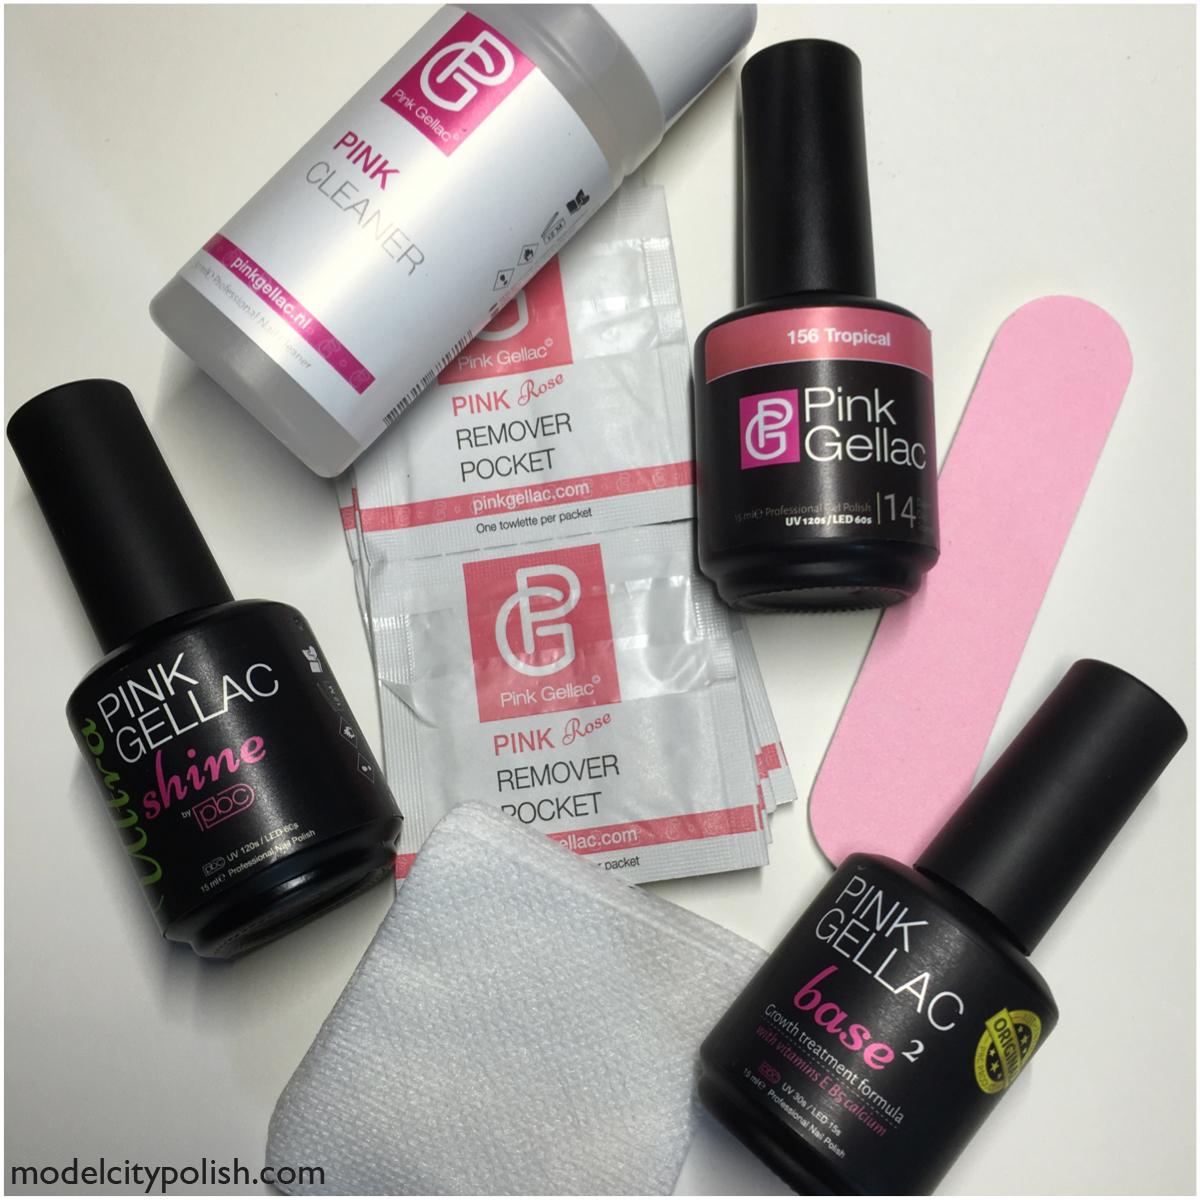 pink-gellac-kit-2